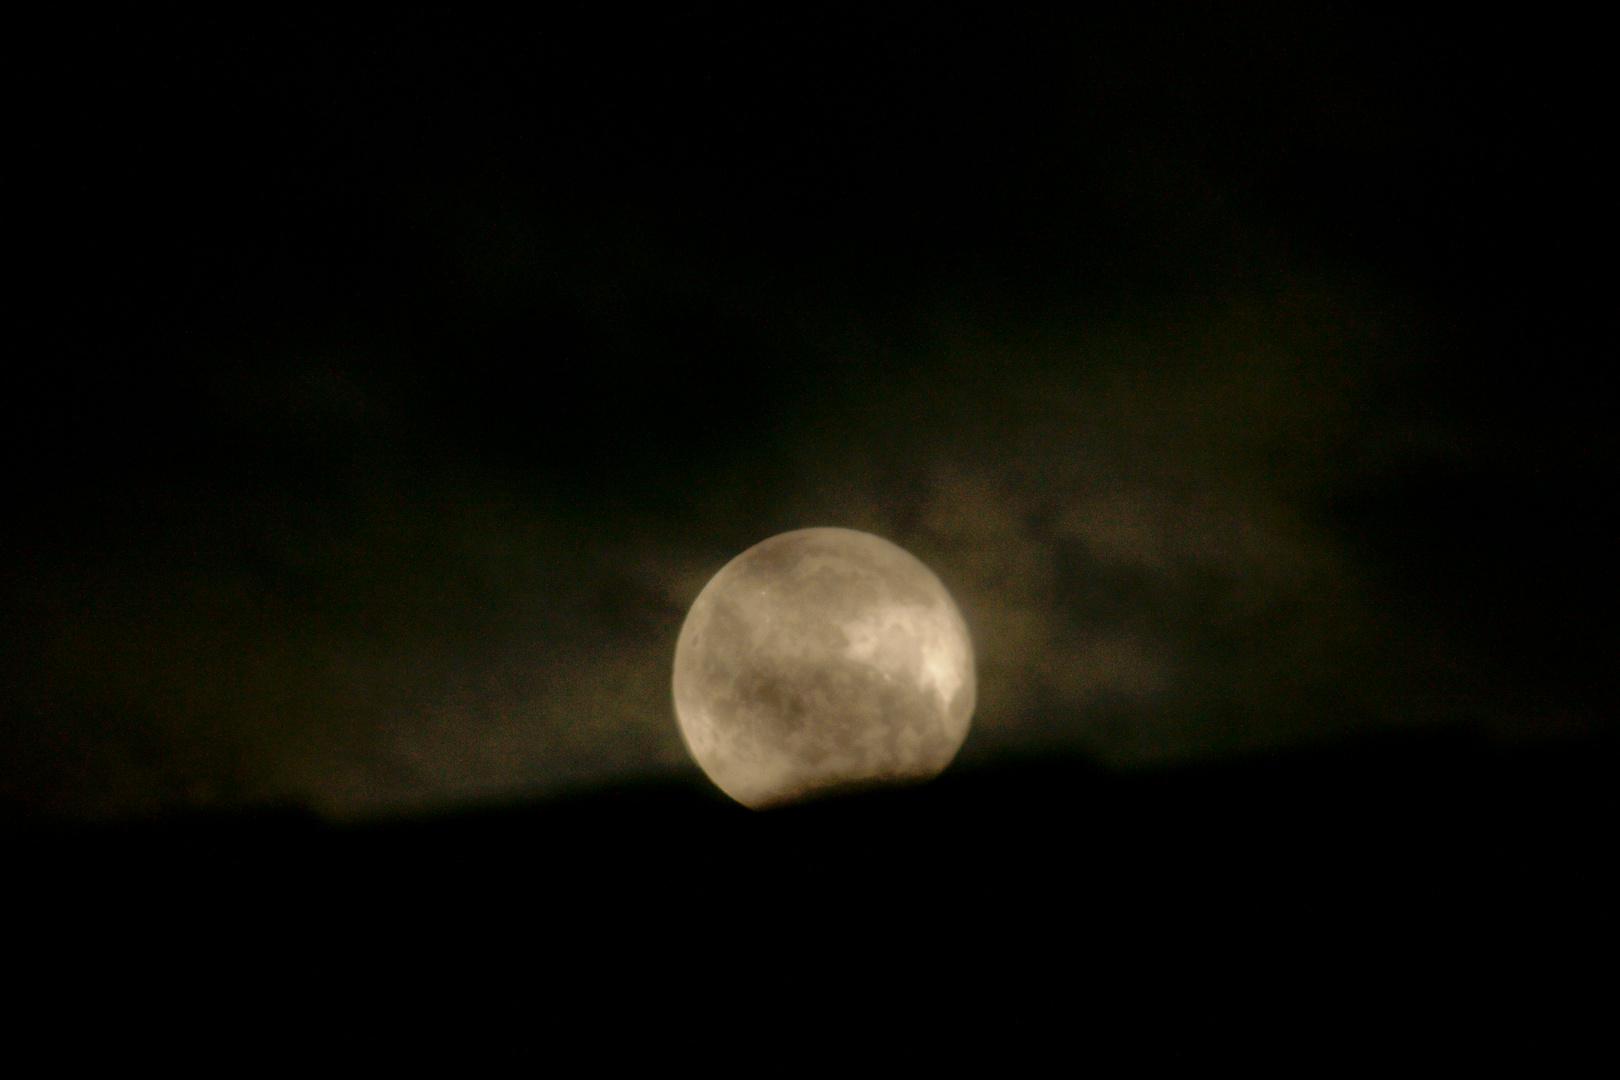 """""""Ich ziehe noch ein bisschen um die Häuser!"""", sagte der Mond und machte sich auf den Weg."""